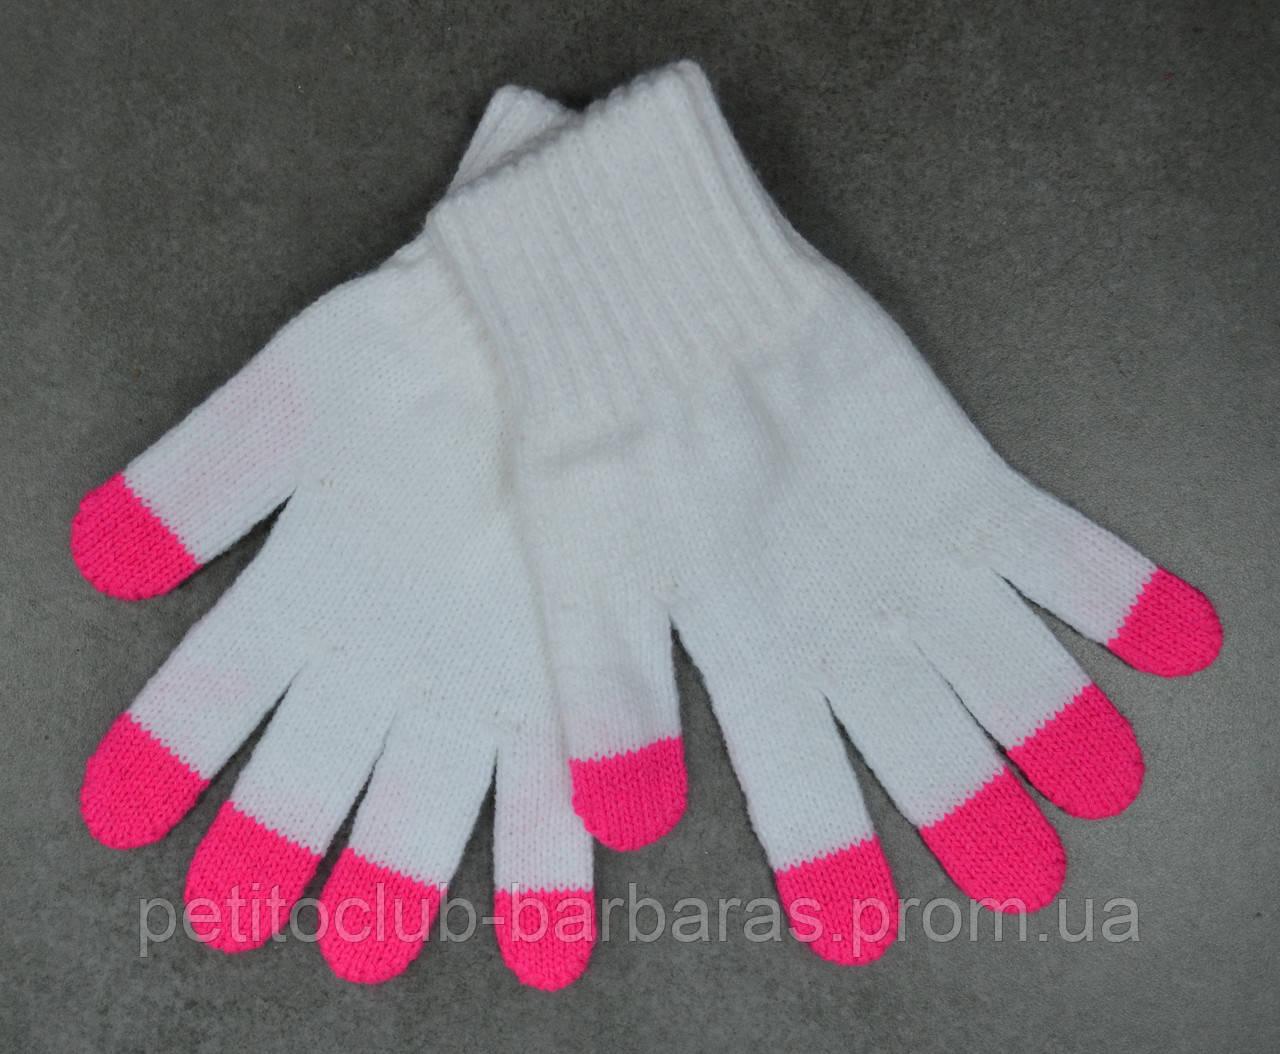 Перчатки для девочки Darkness белые (MargotBis, Польша)